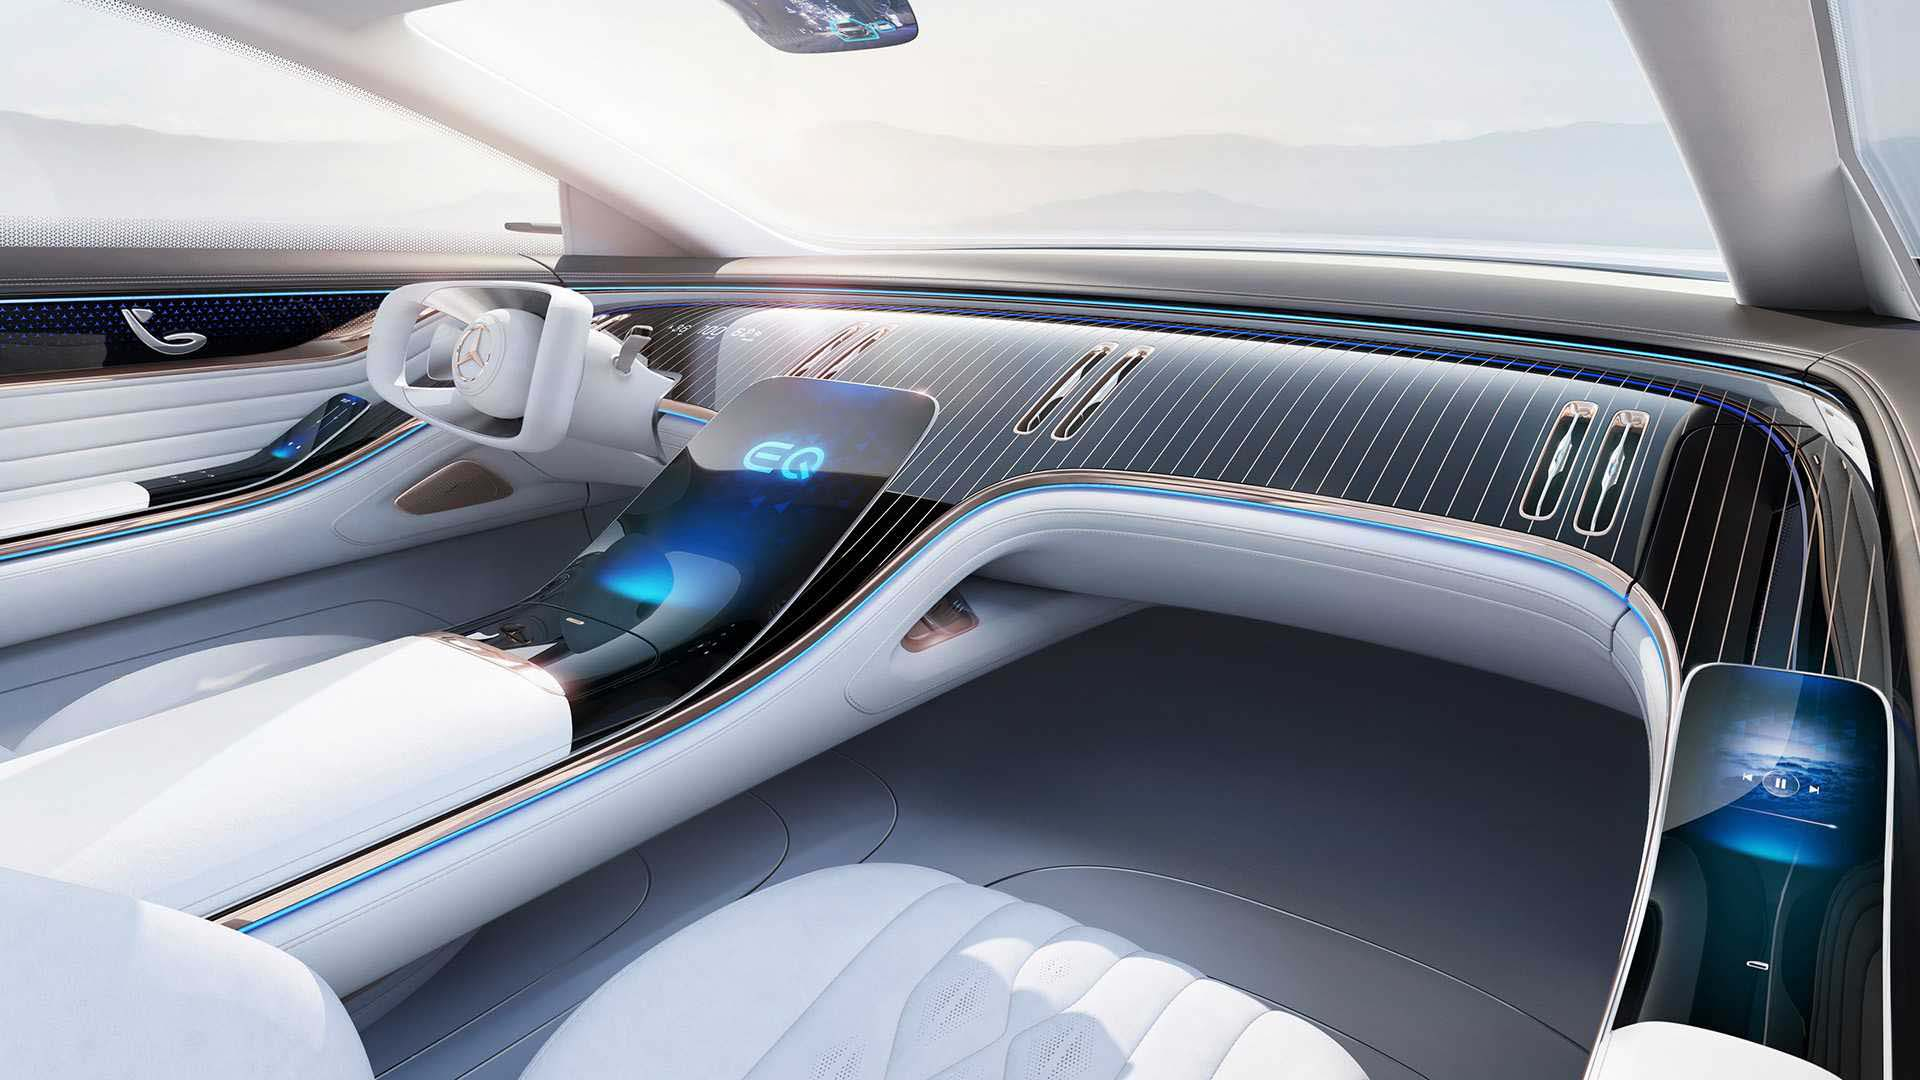 مرسدس بنز ، خودرویی از آینده-ویژگی های داخلی